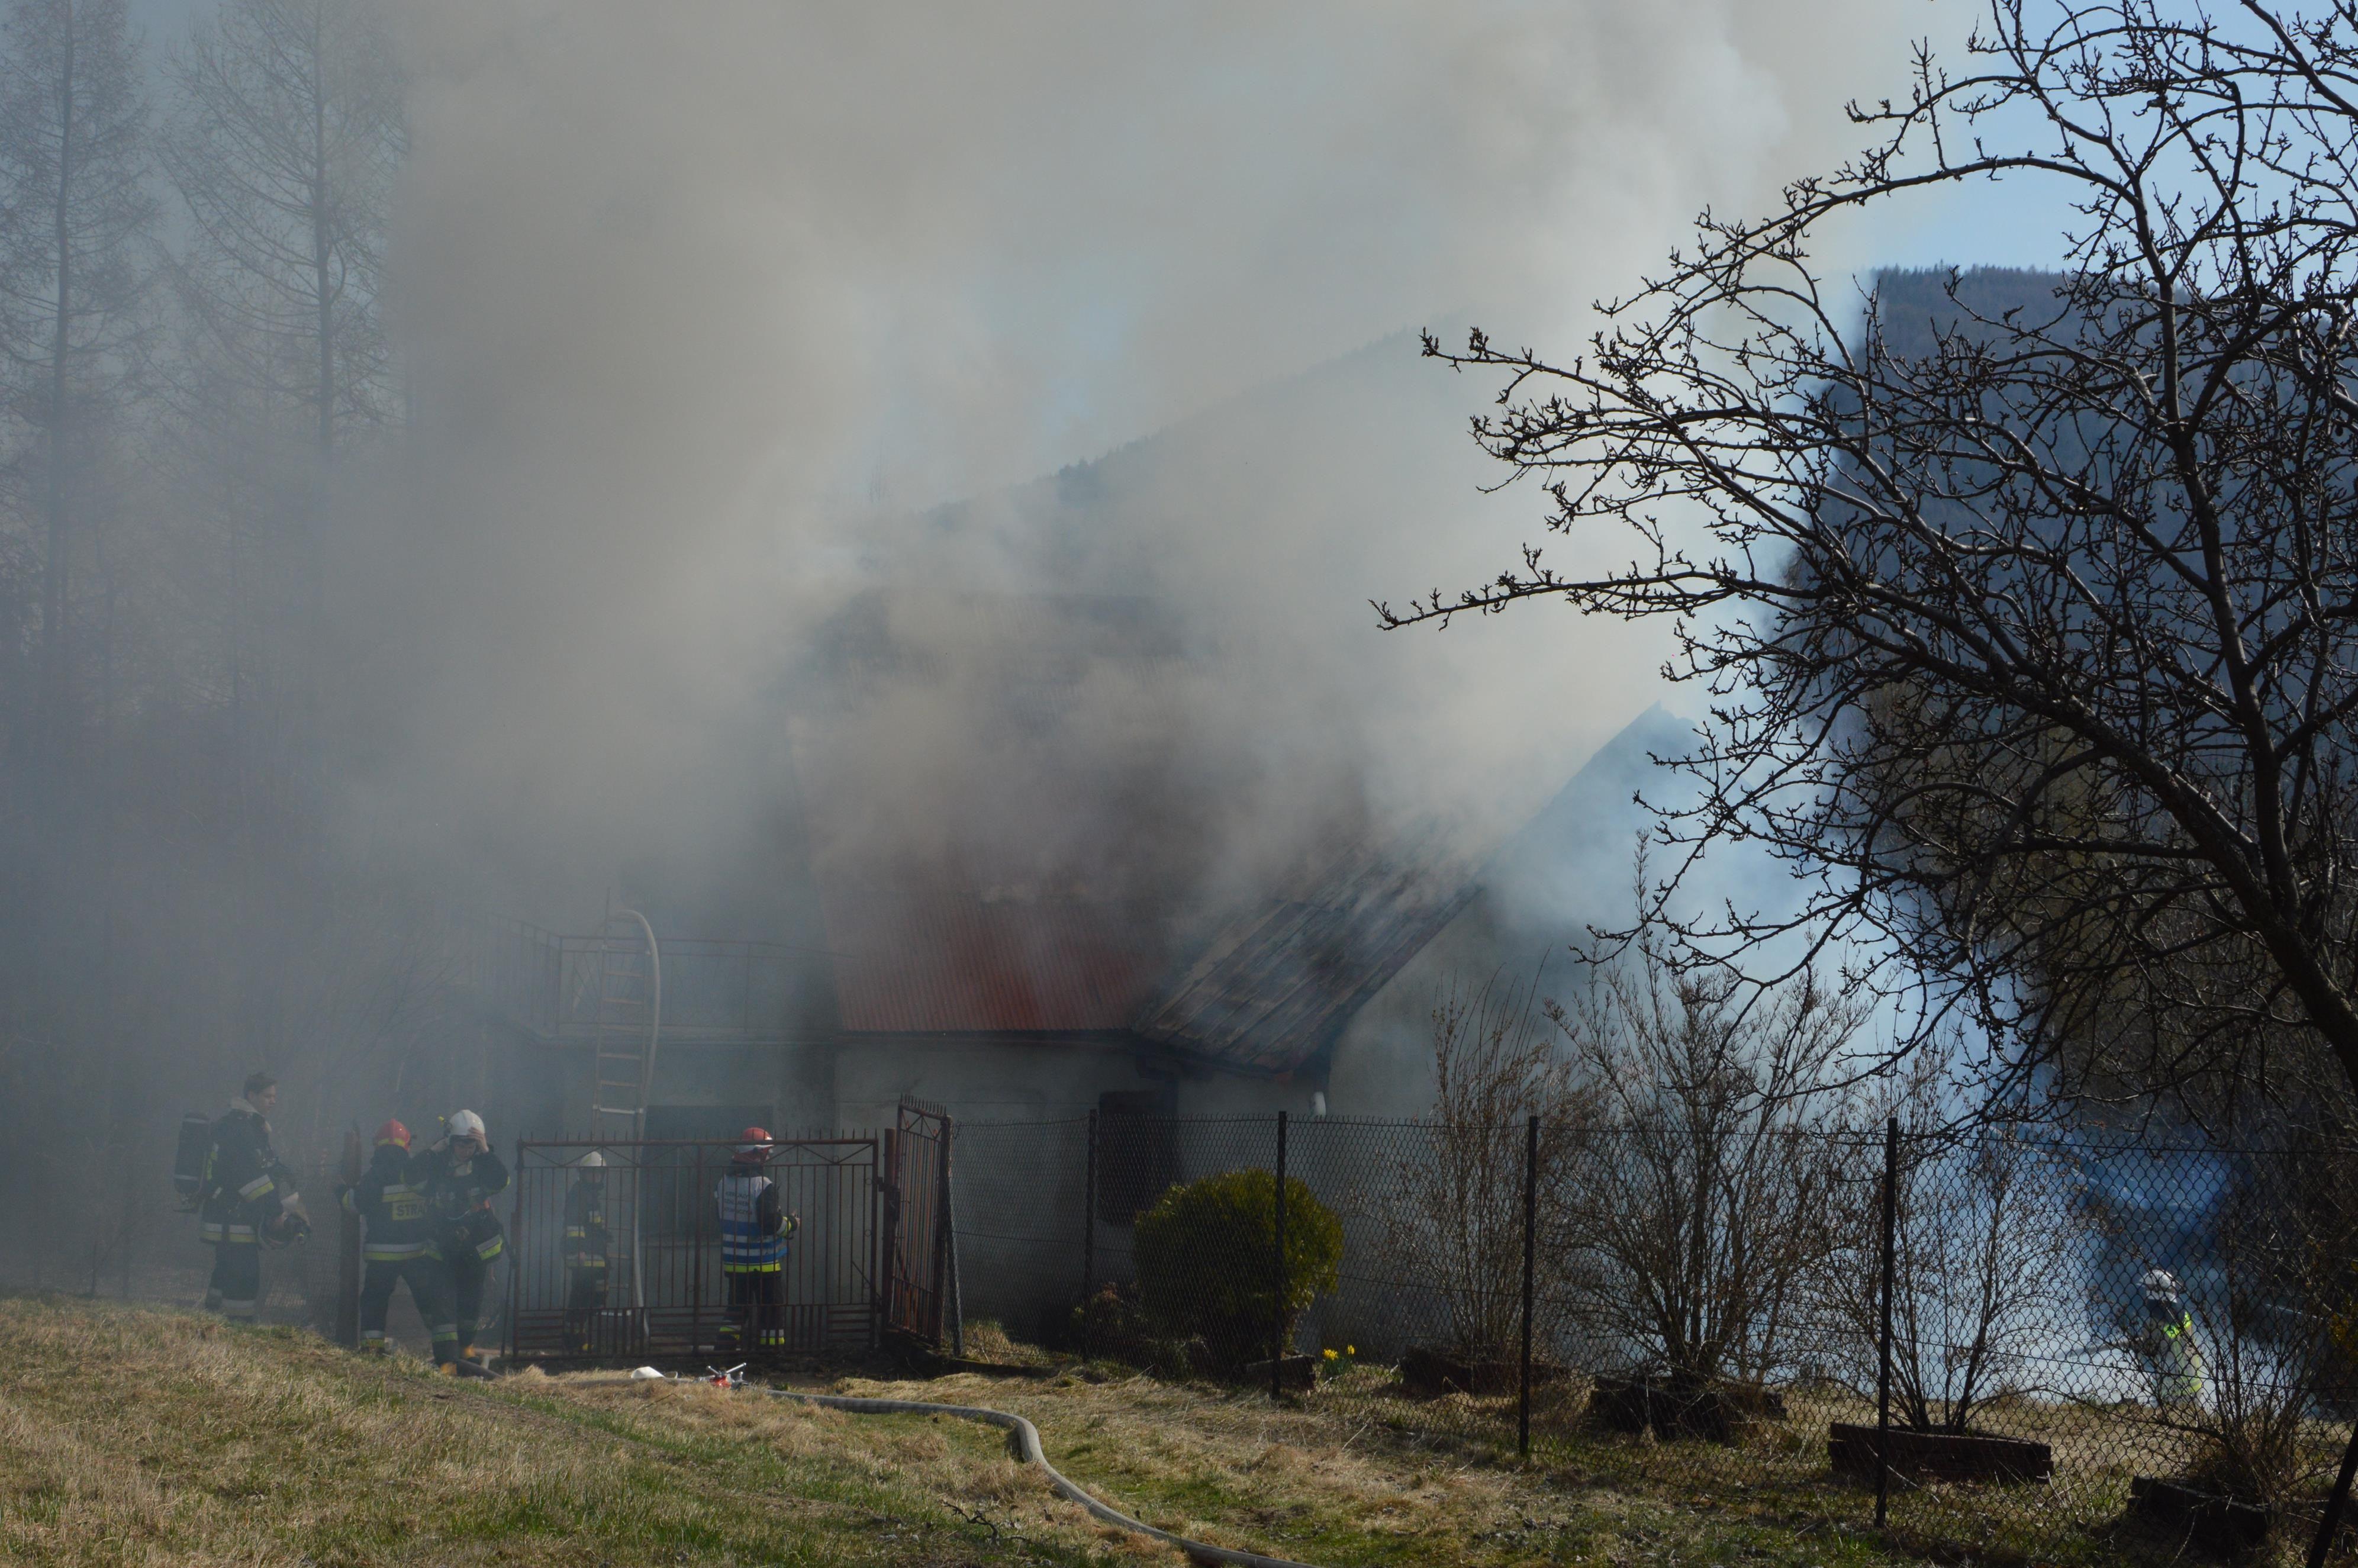 Pożar domu, strażacy w akcji [FOTO]